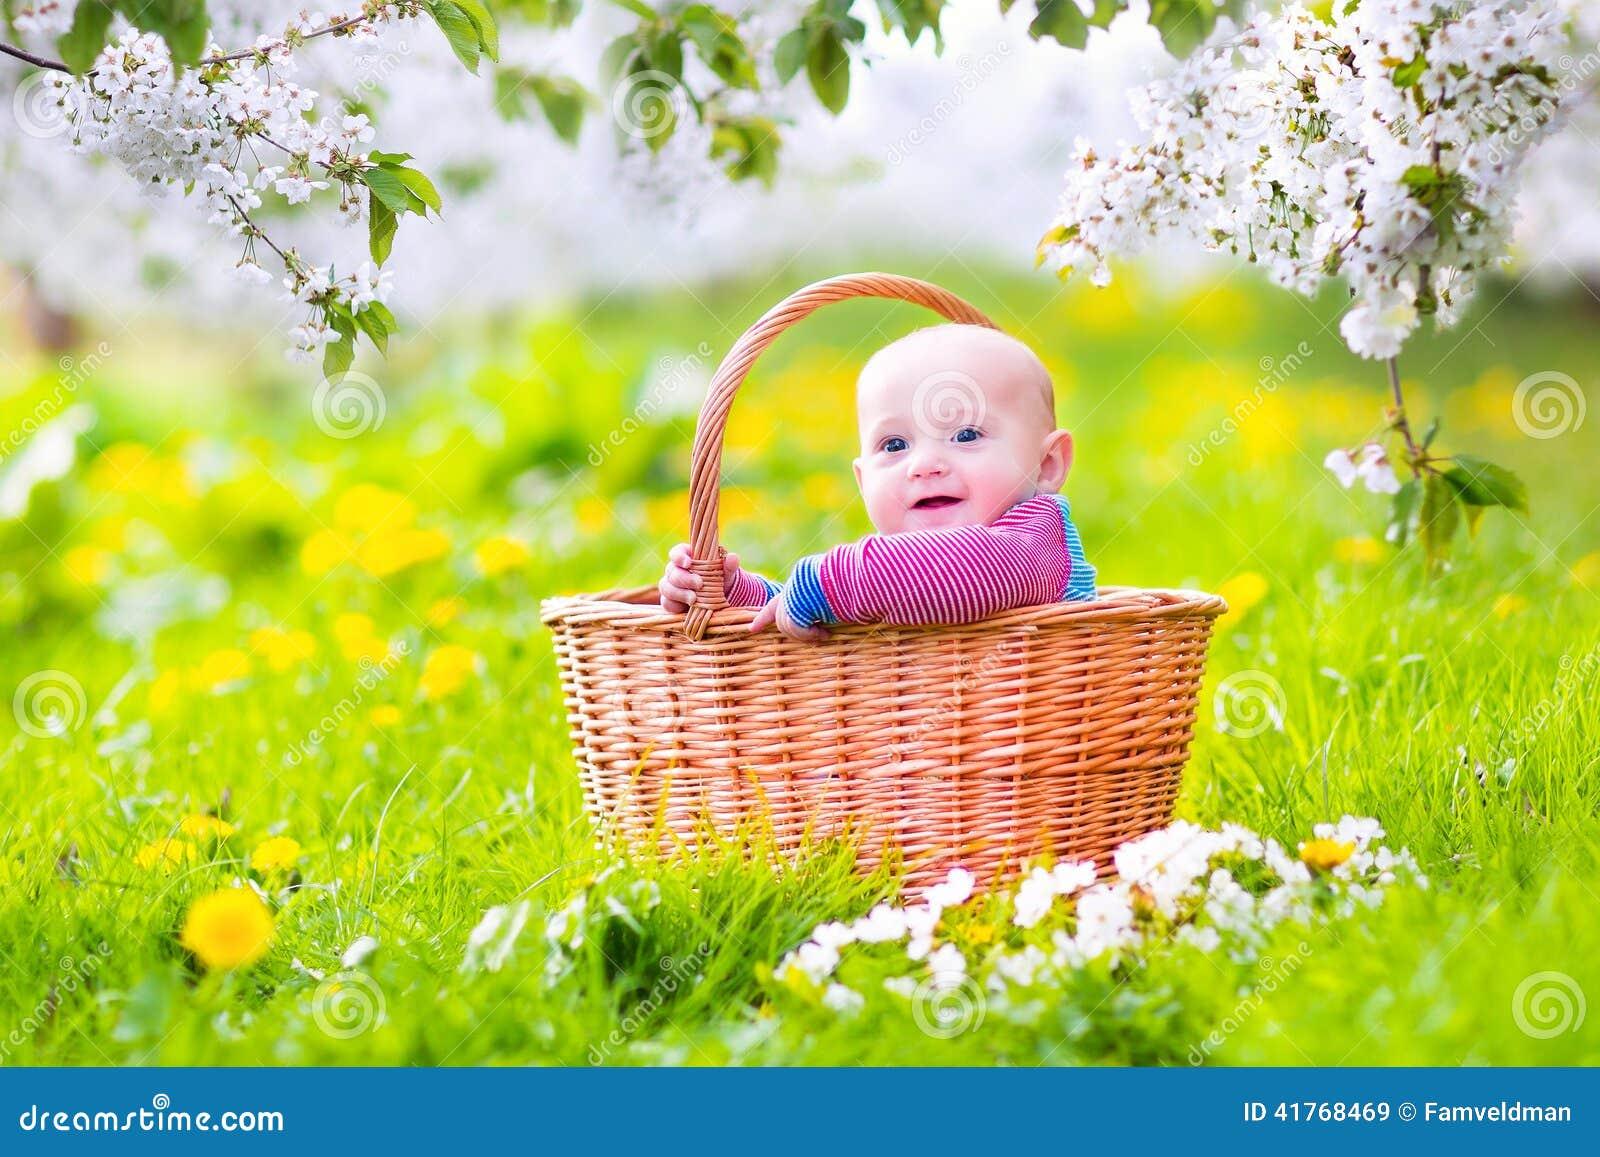 happy baby in basket in blooming apple tree garden stock